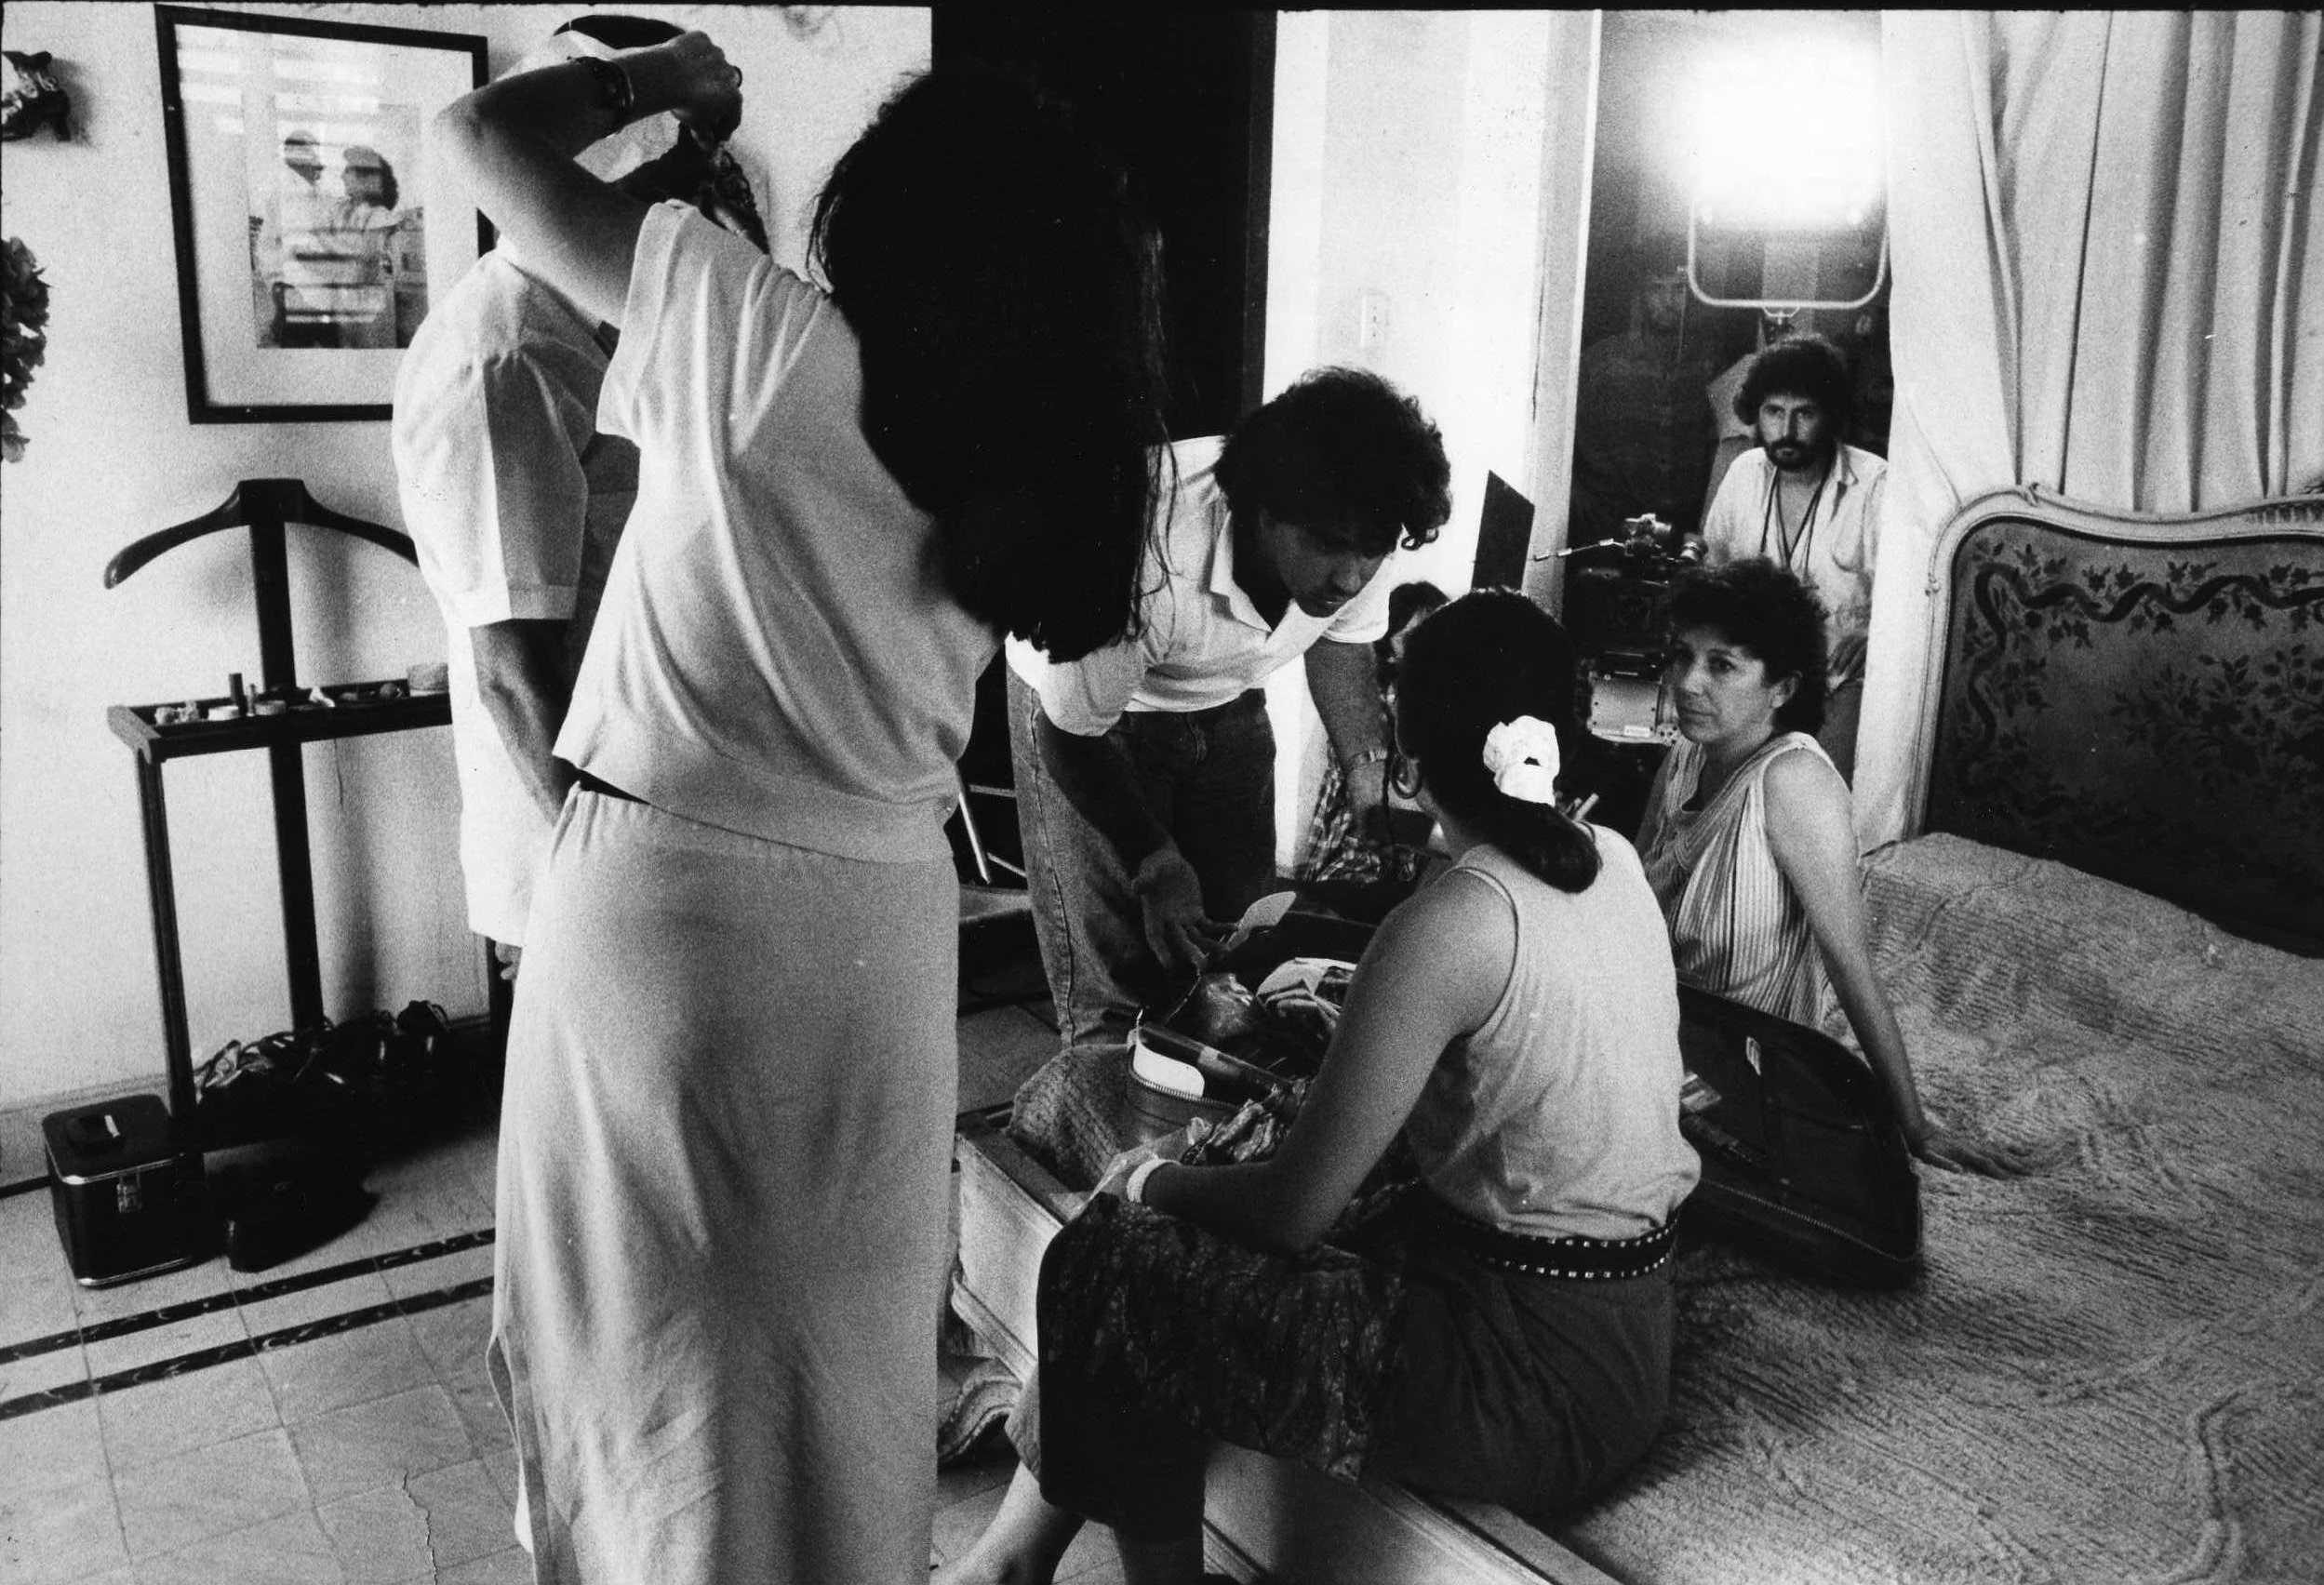 Coralia Veloz, Marina Arango, Julio César Rodríguez, and Emilio Oscar Alcalde in El Encanto del Regreso (1991)